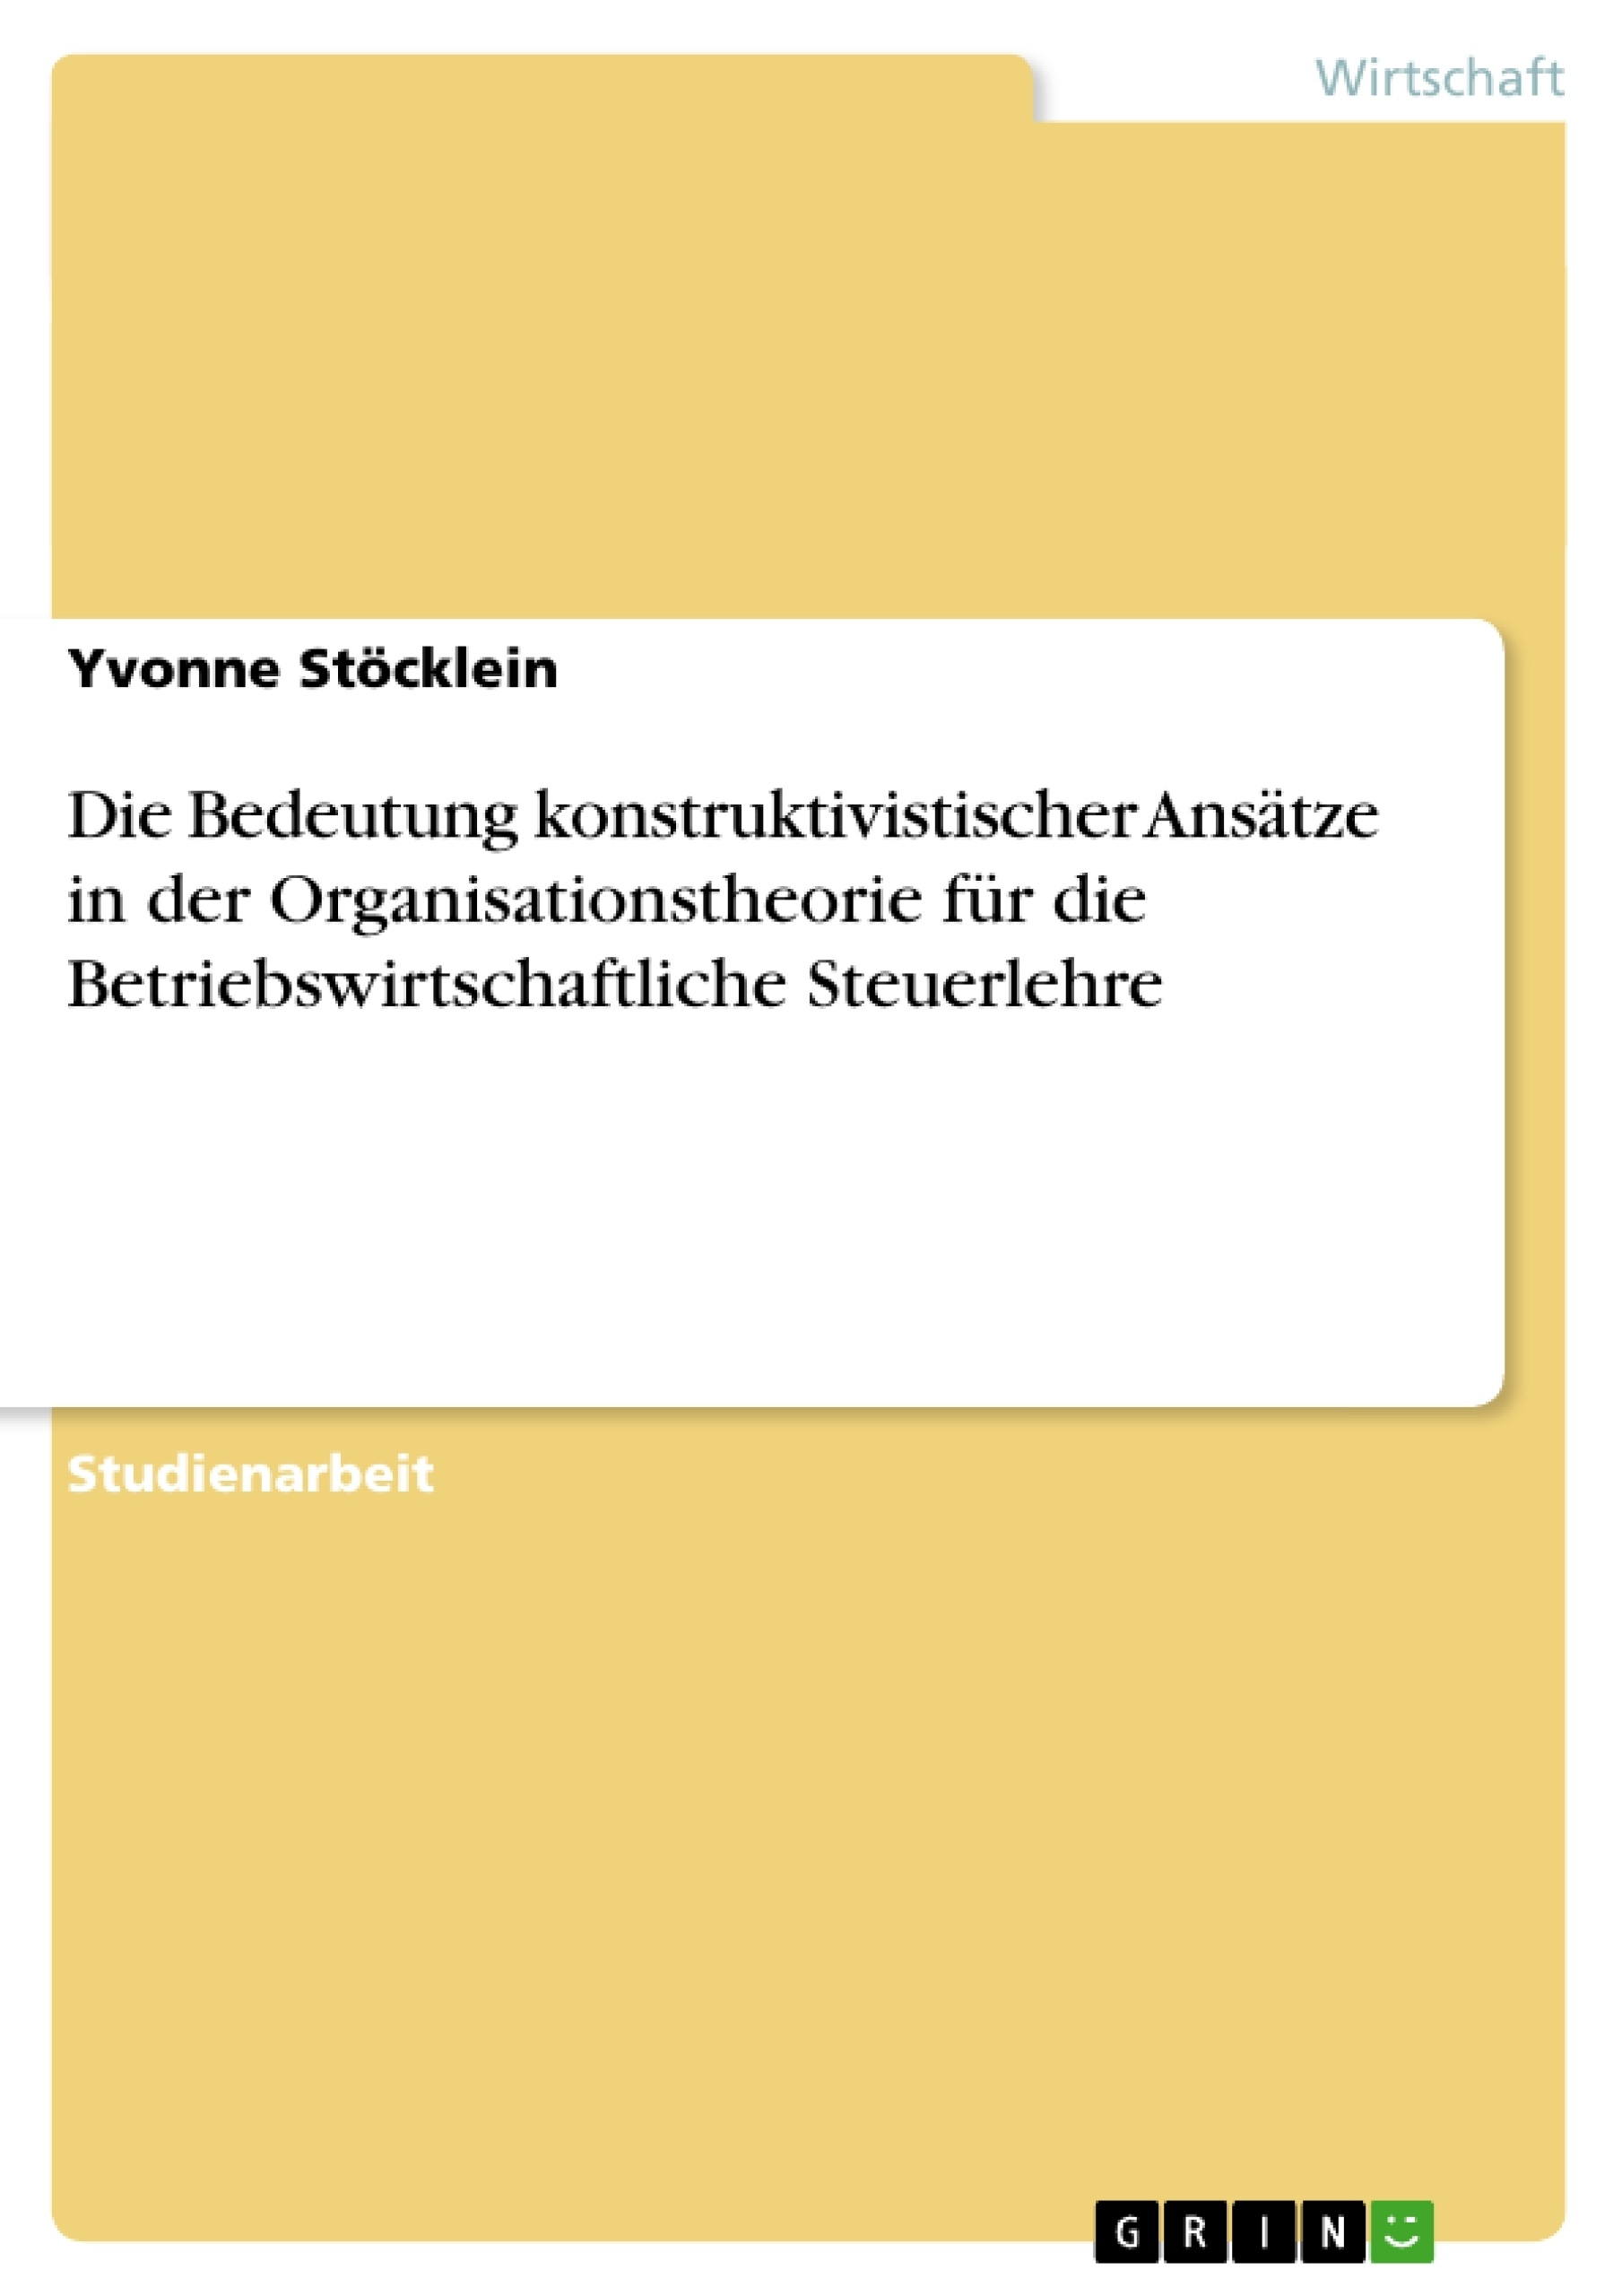 Titel: Die Bedeutung konstruktivistischer Ansätze in der Organisationstheorie für die Betriebswirtschaftliche Steuerlehre